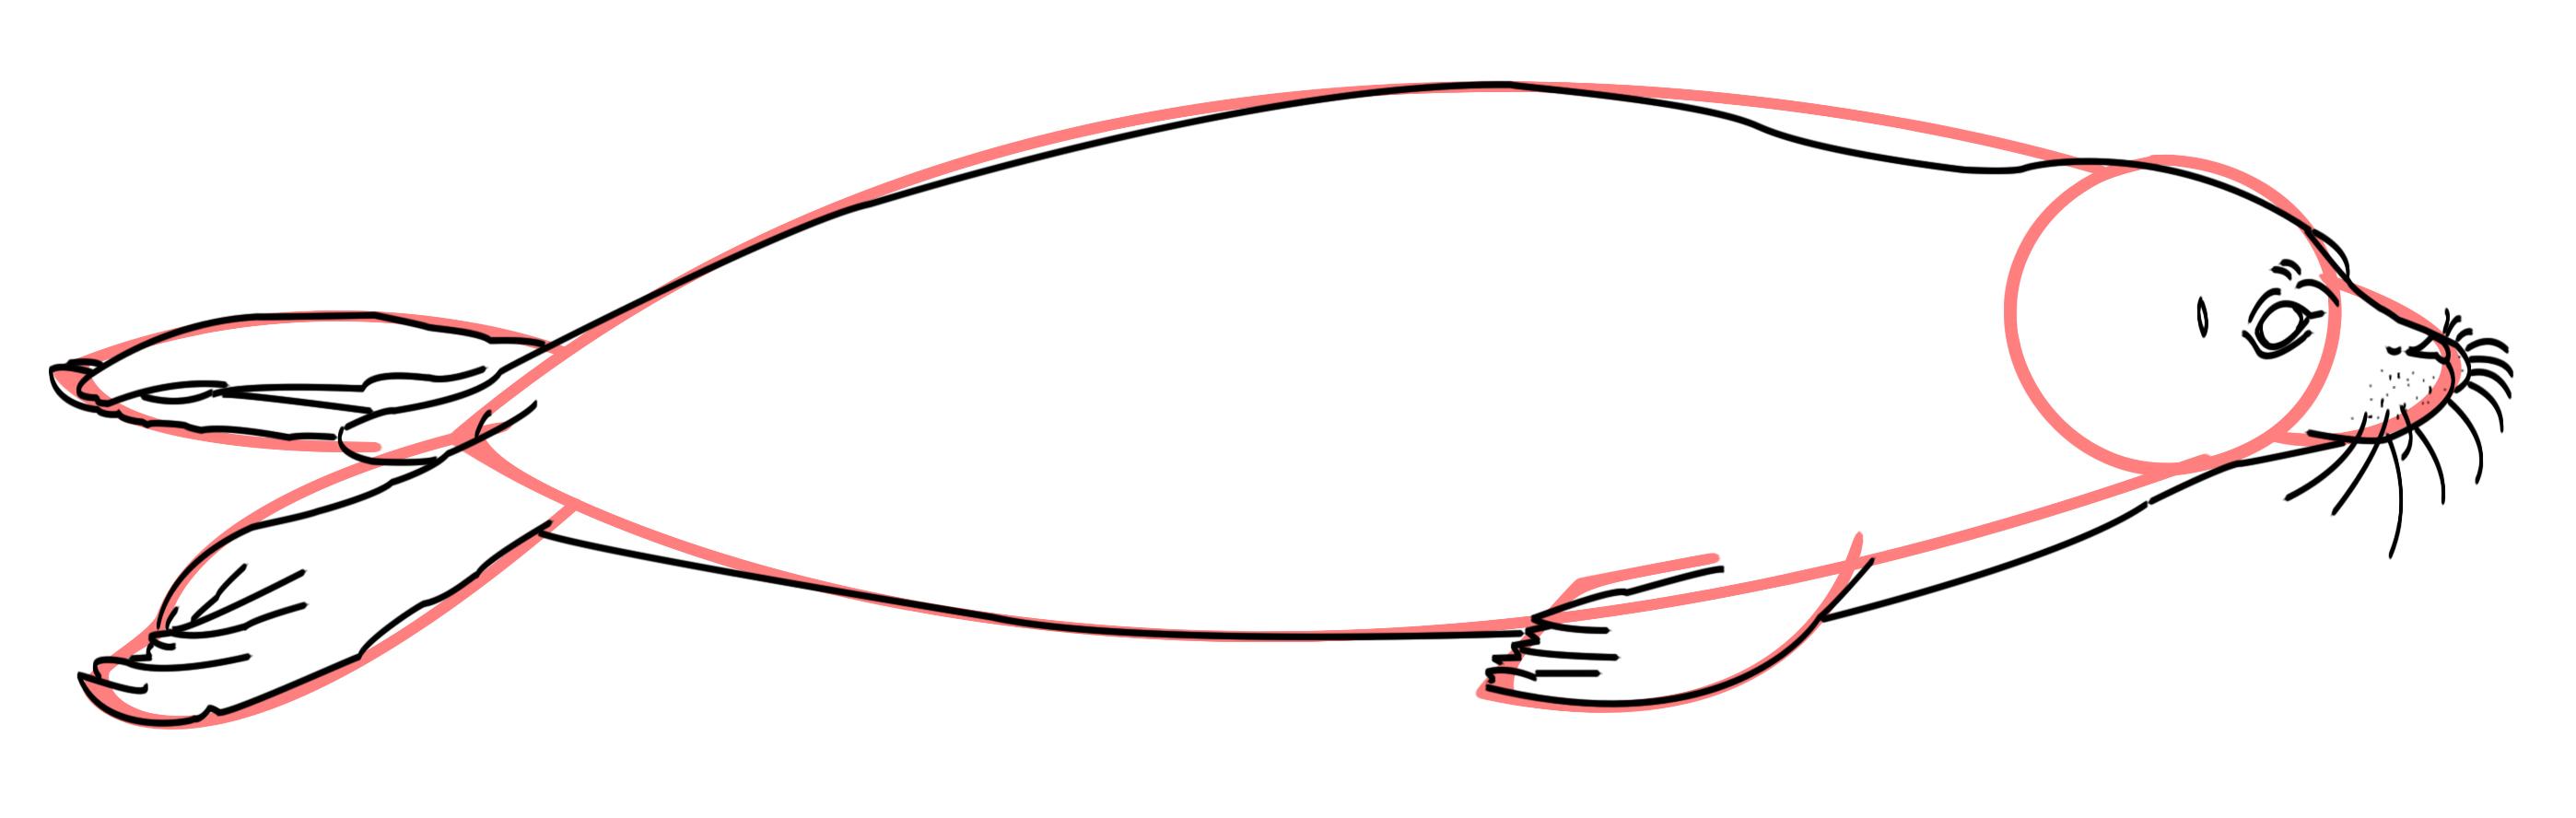 Robbe zeichnen Tutorial